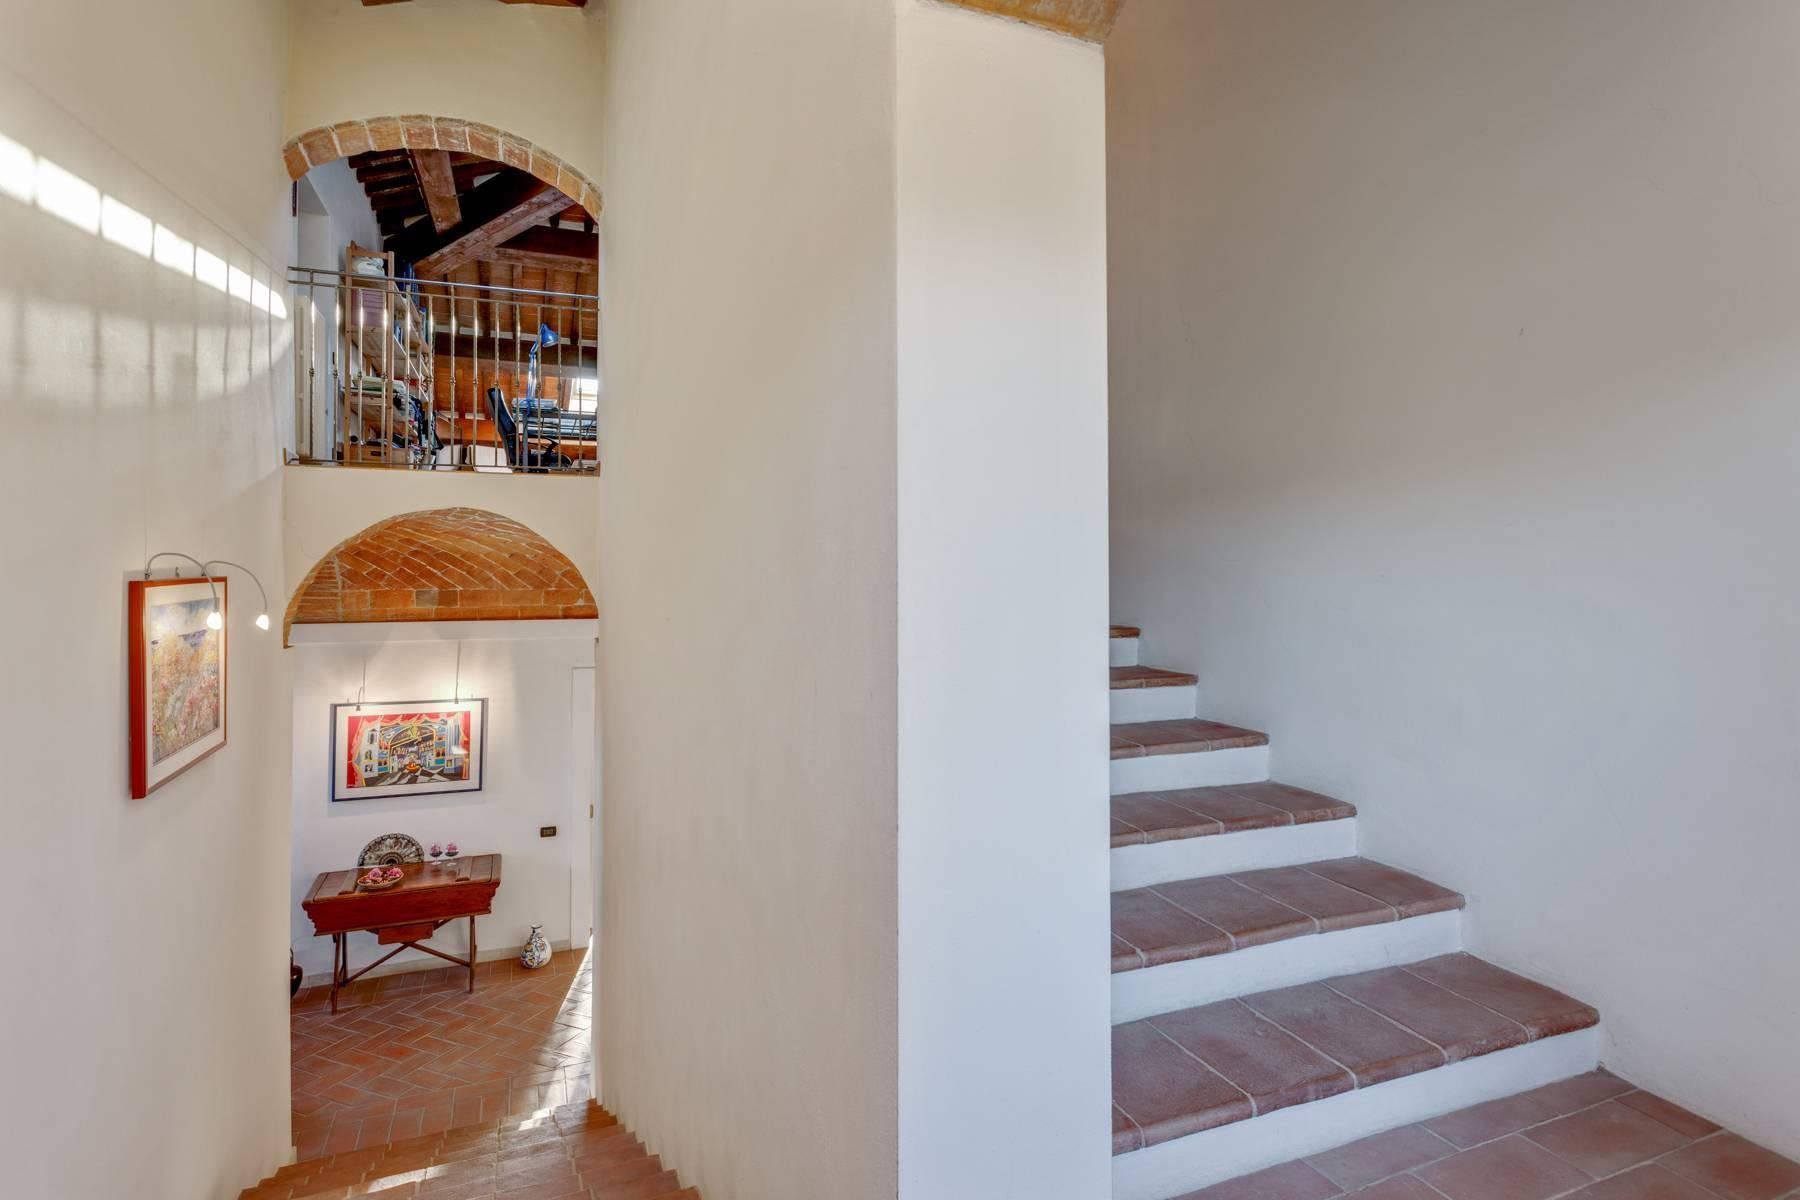 Casale con agriturismo e vigneto a pochi passi da Montepulciano - 17